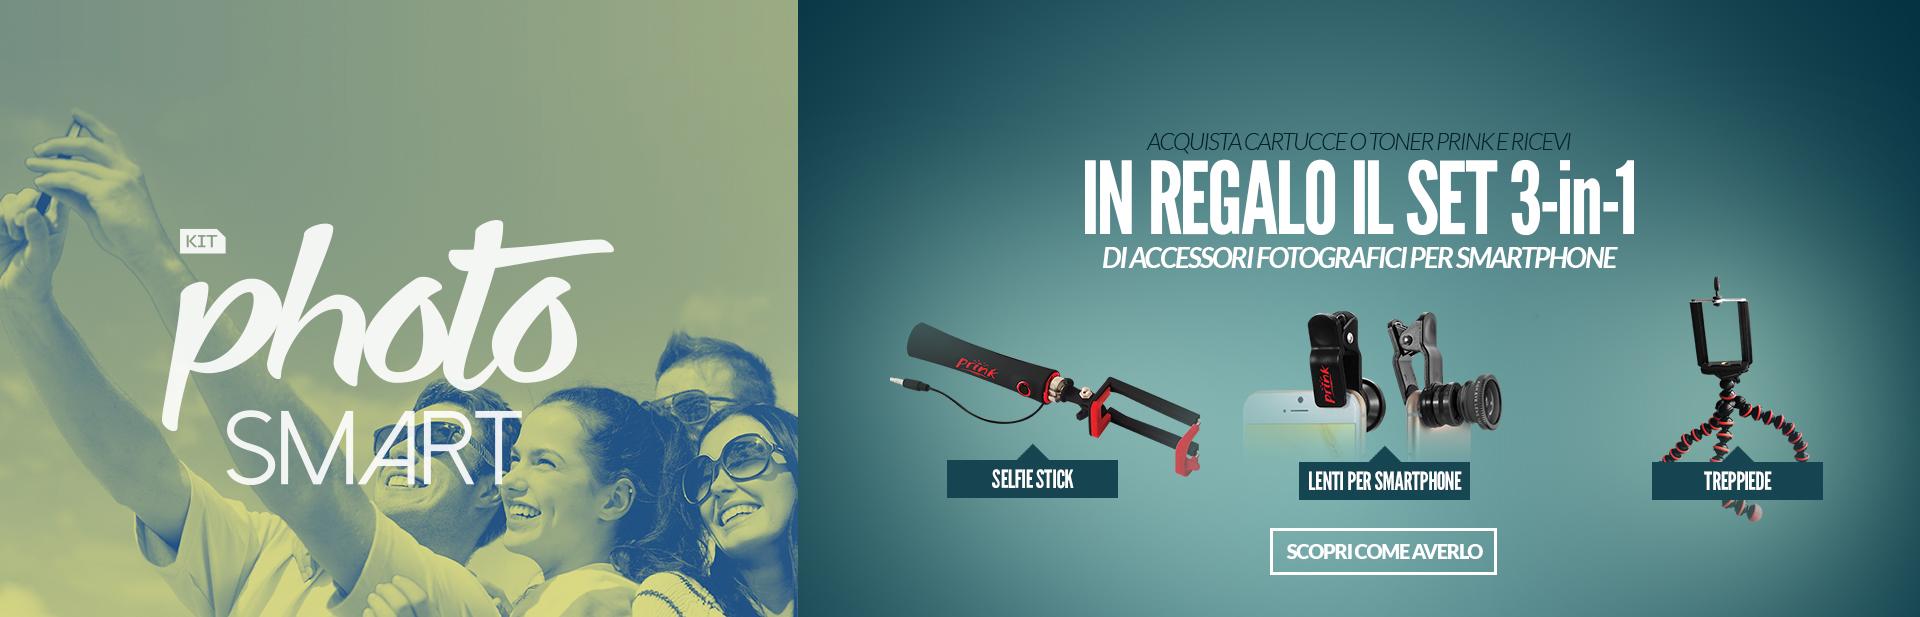 selfie-stick-accessori-per-smartphone-in-omaggio-SL